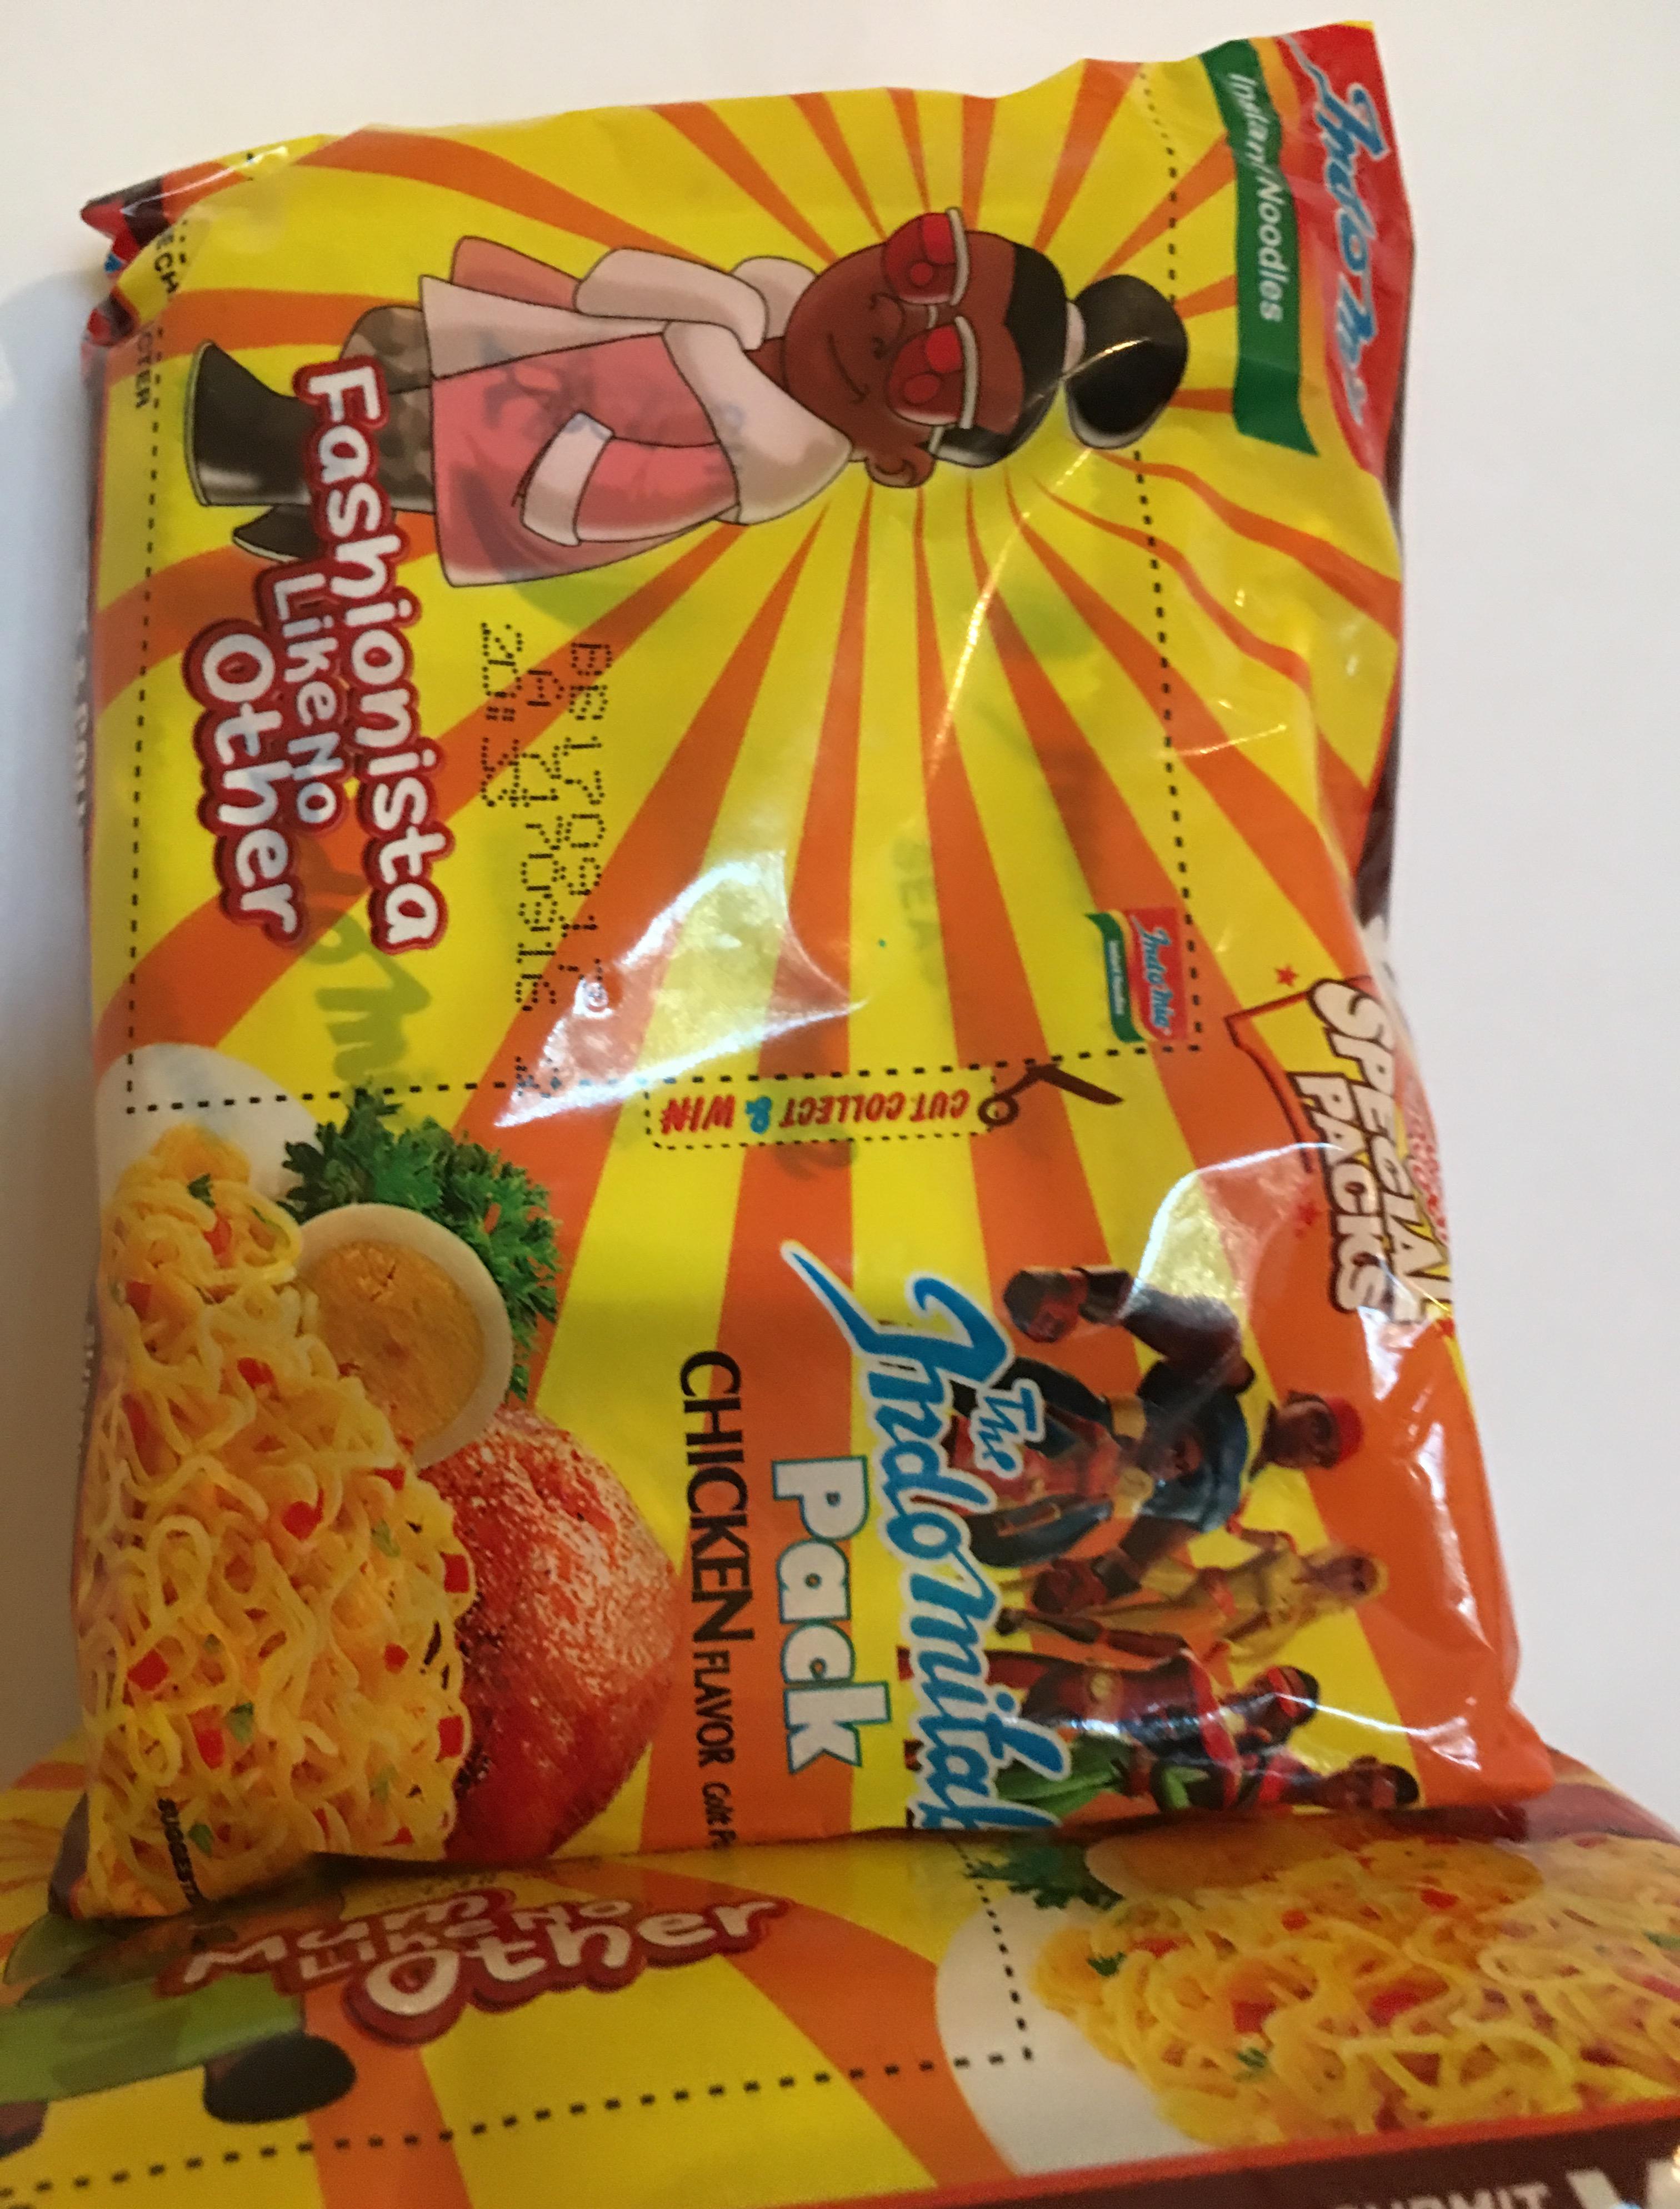 Indomie Chicken Flavor Empire International Foods